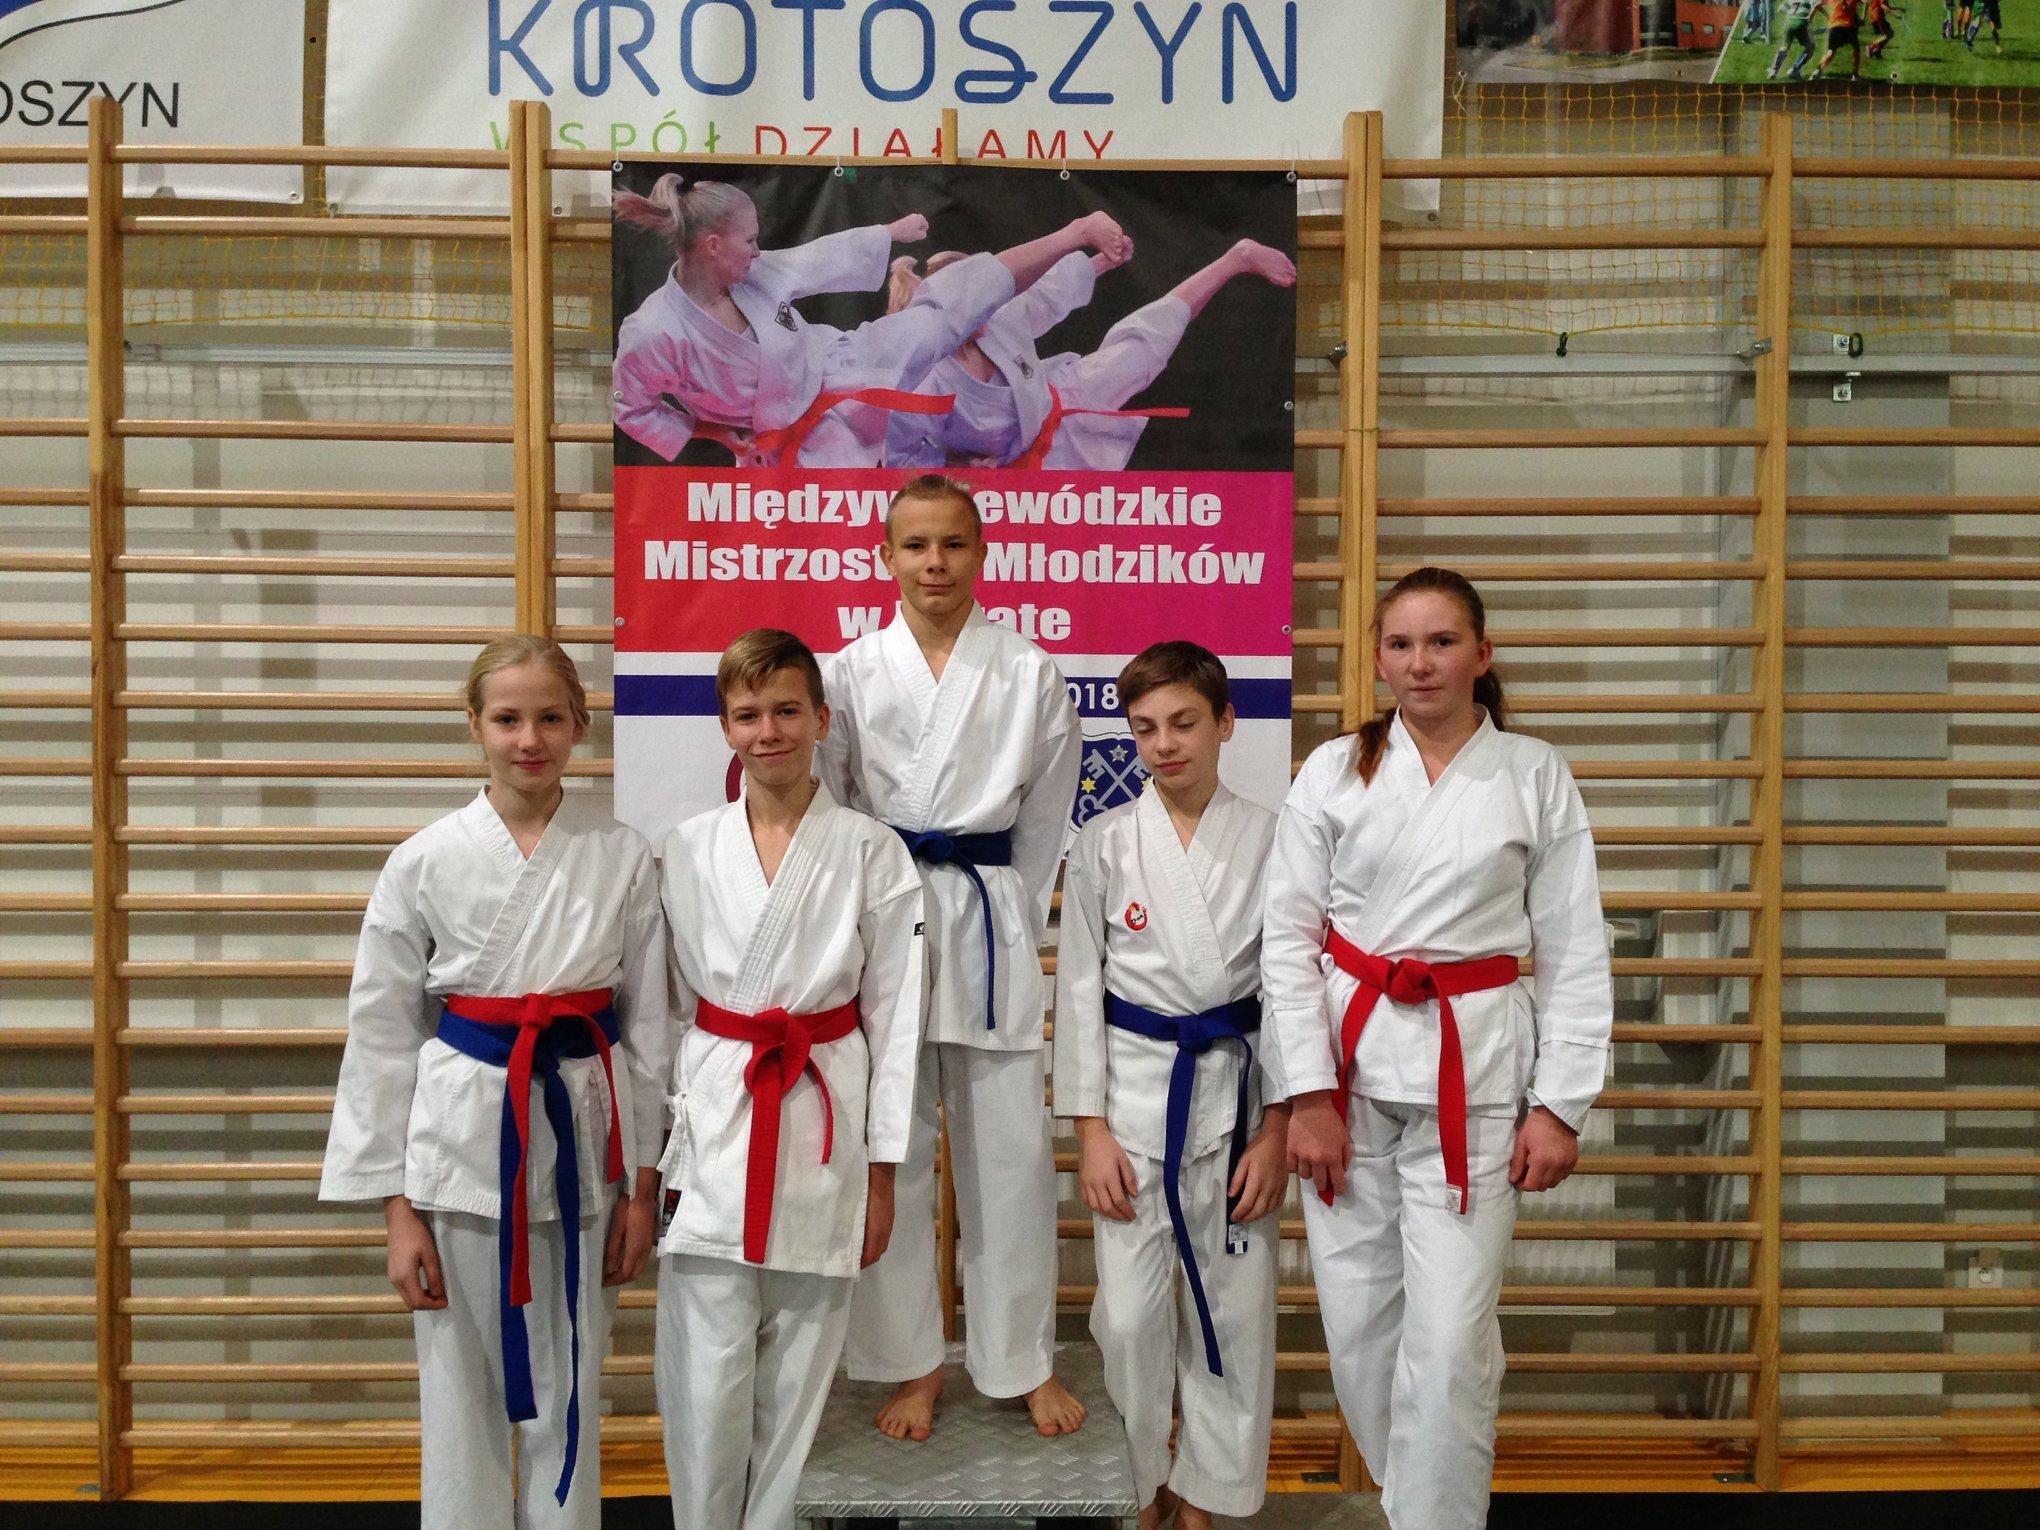 MMM Krotoszyn 2018